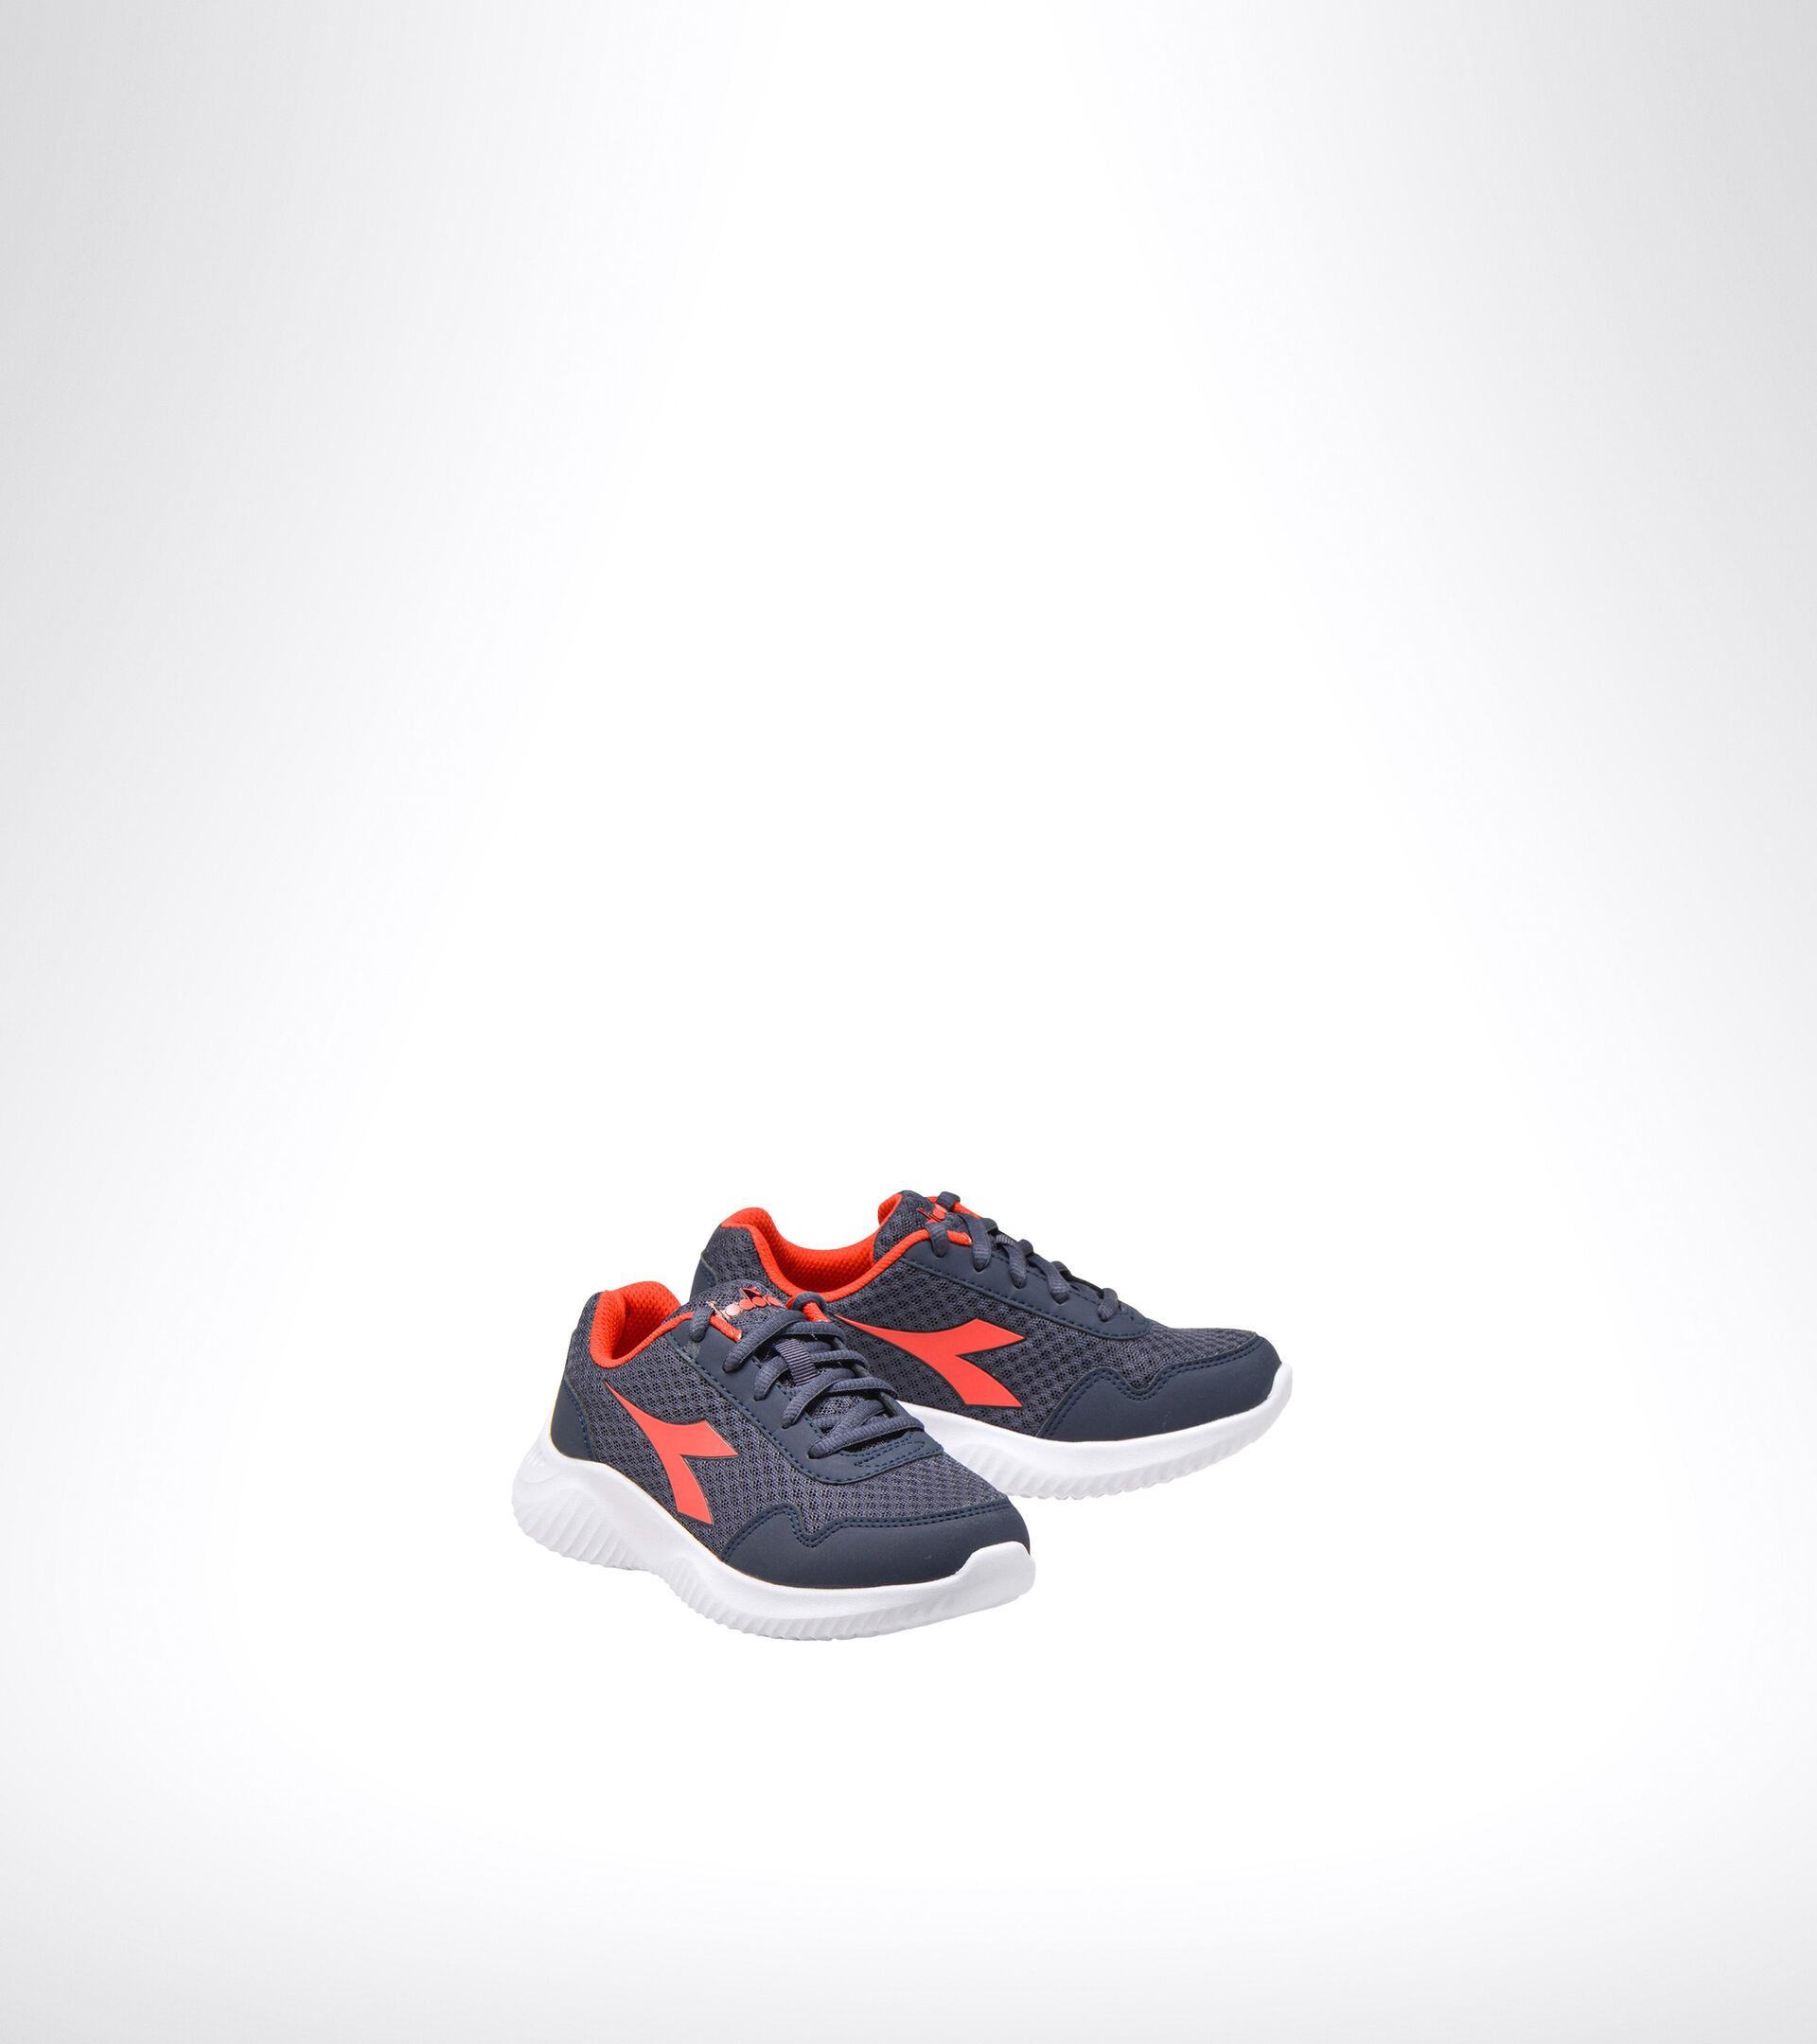 Running shoe - Unisex kids ROBIN 2 JR ESTATE BLUE/HIGH RISK RED - Diadora